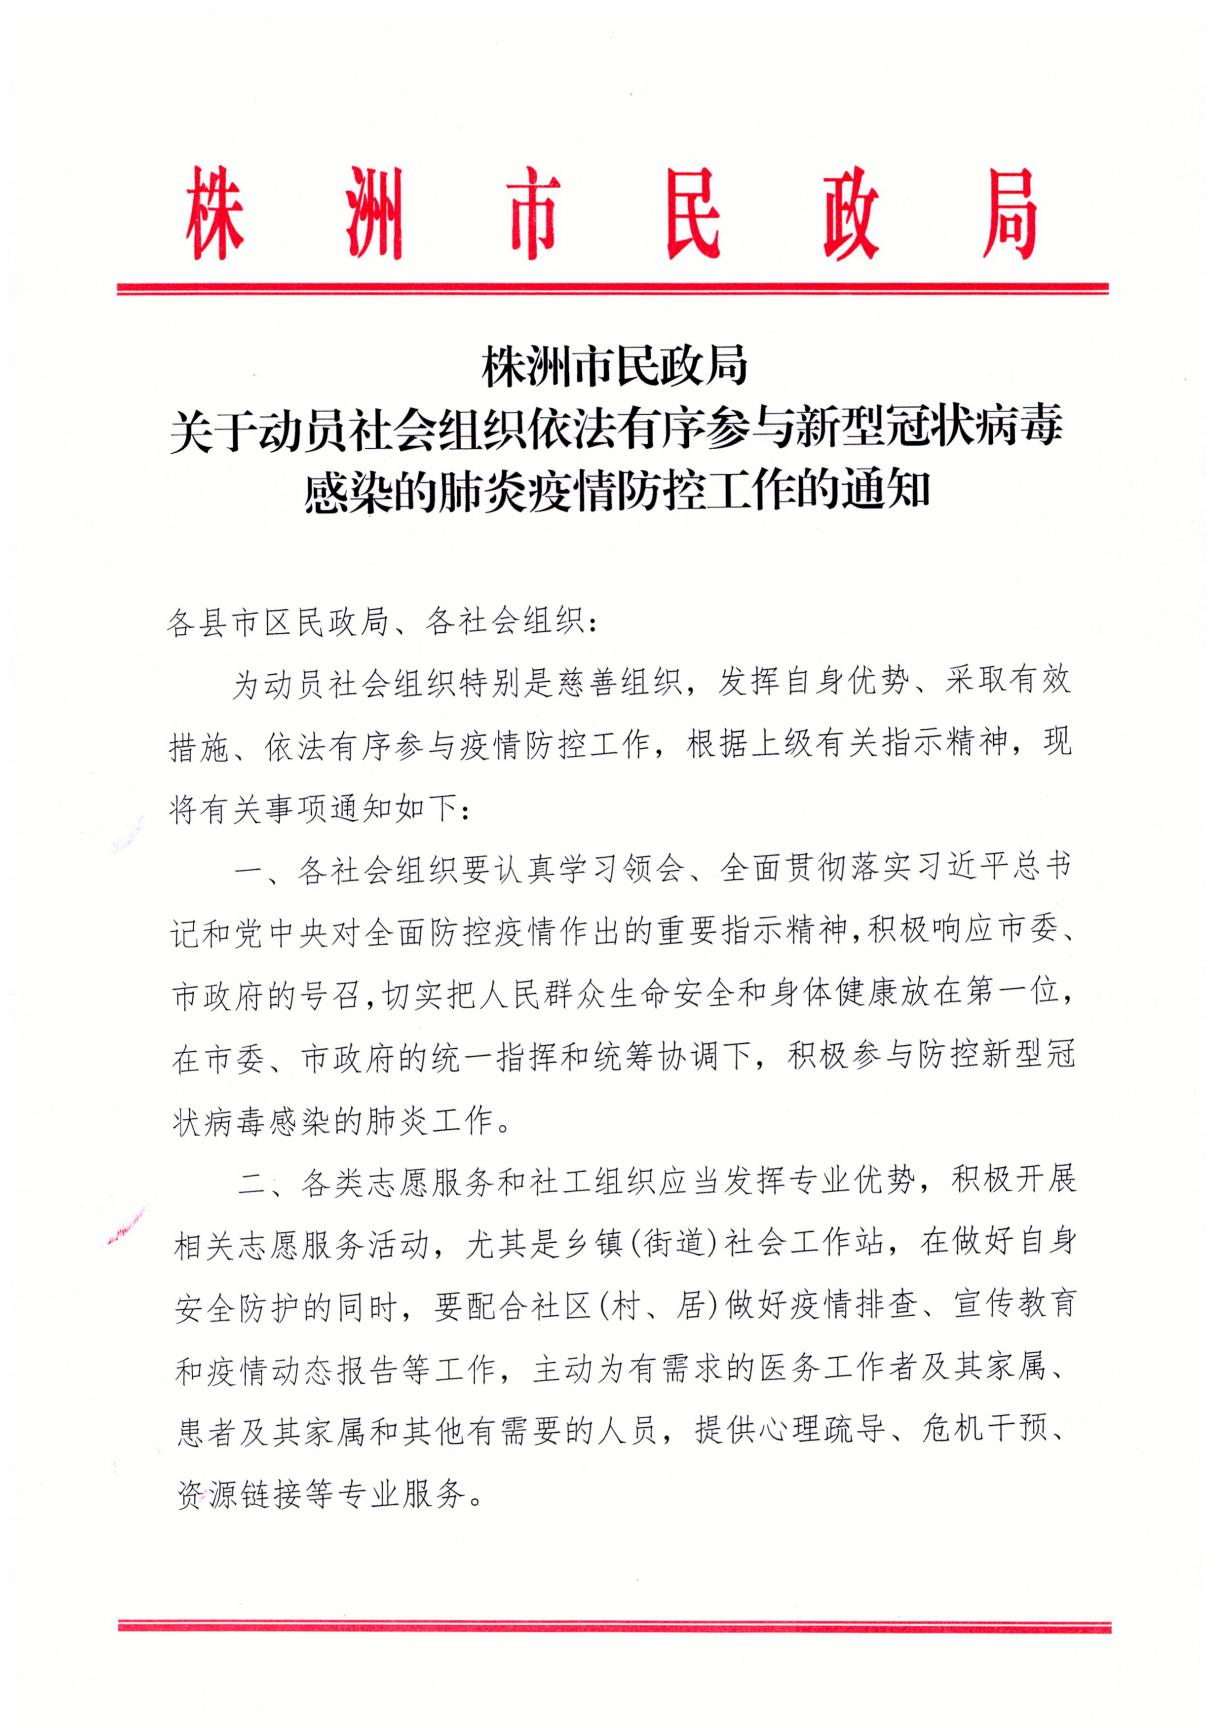 株洲市民政局关于动员社会组织依法有序参与新型冠状病毒感染的肺炎疫情防控工作的通知